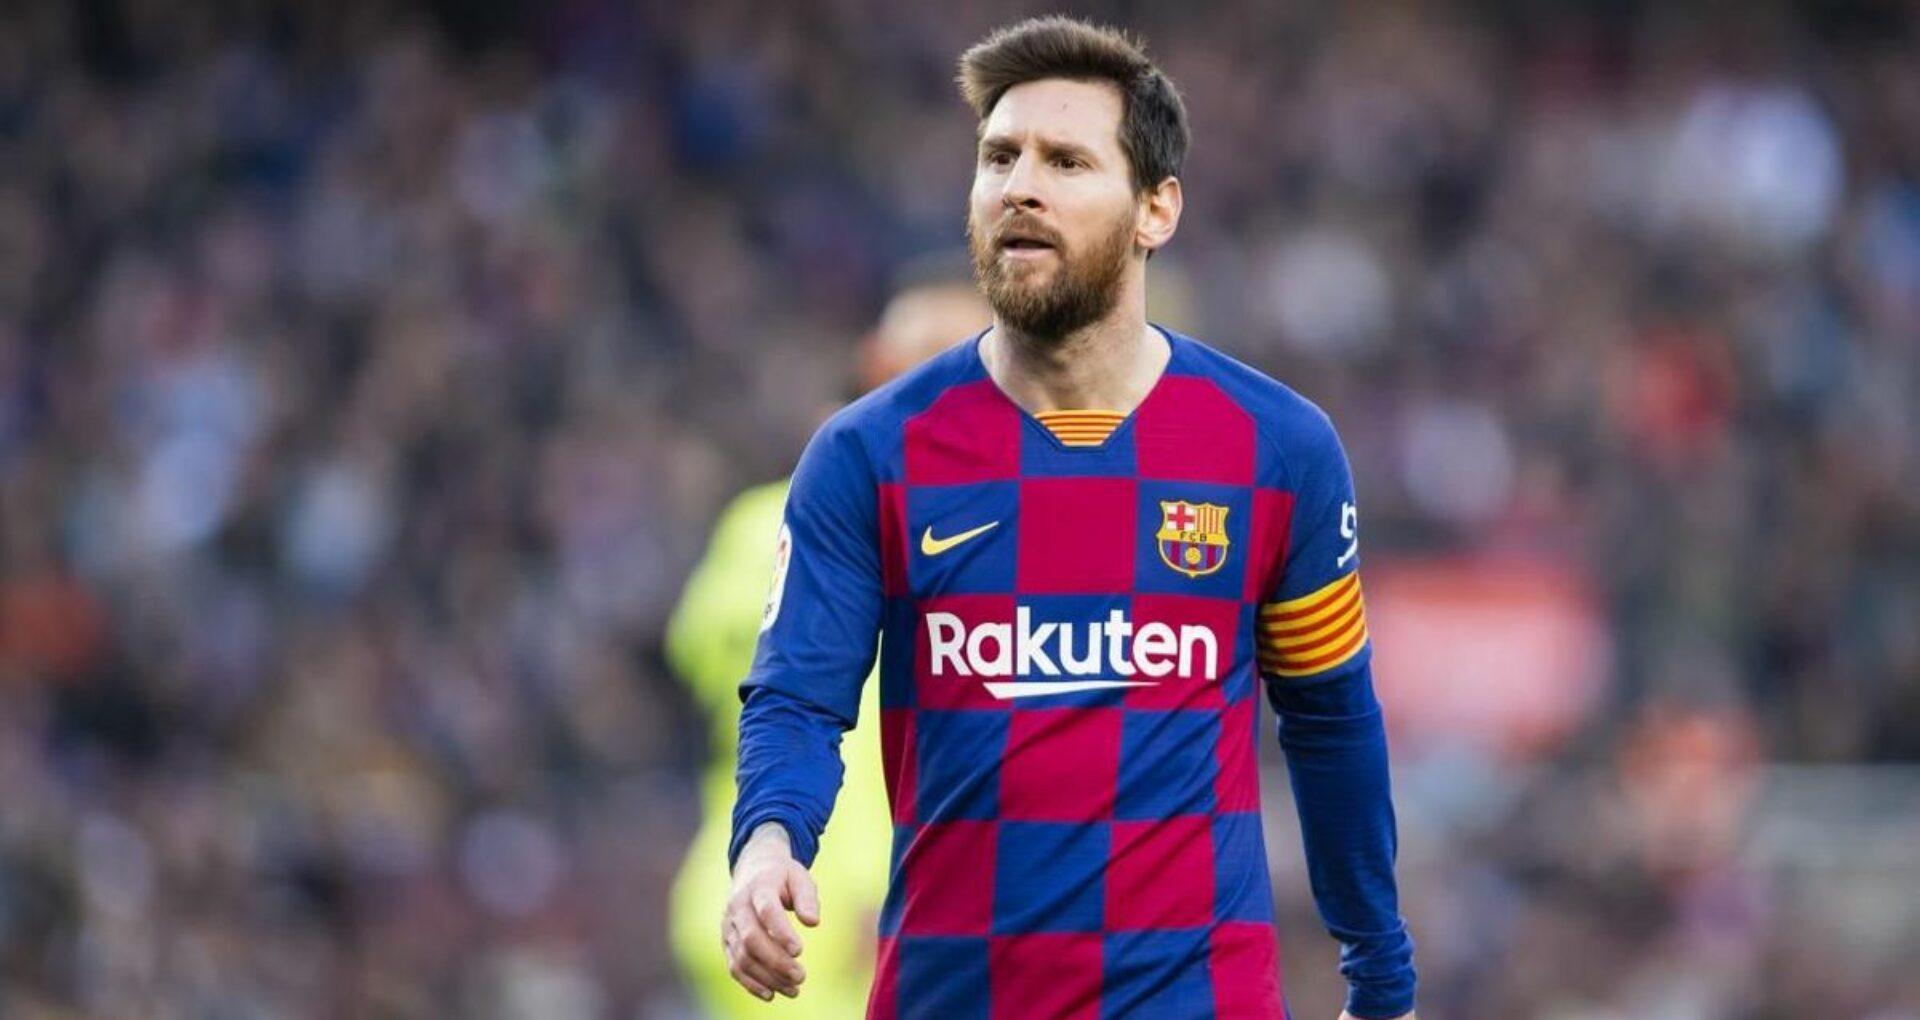 Șoc la Barcelona. Leo Messi a cerut oficial clubului să fie lăsat liber și să-i fie reziliat contractul